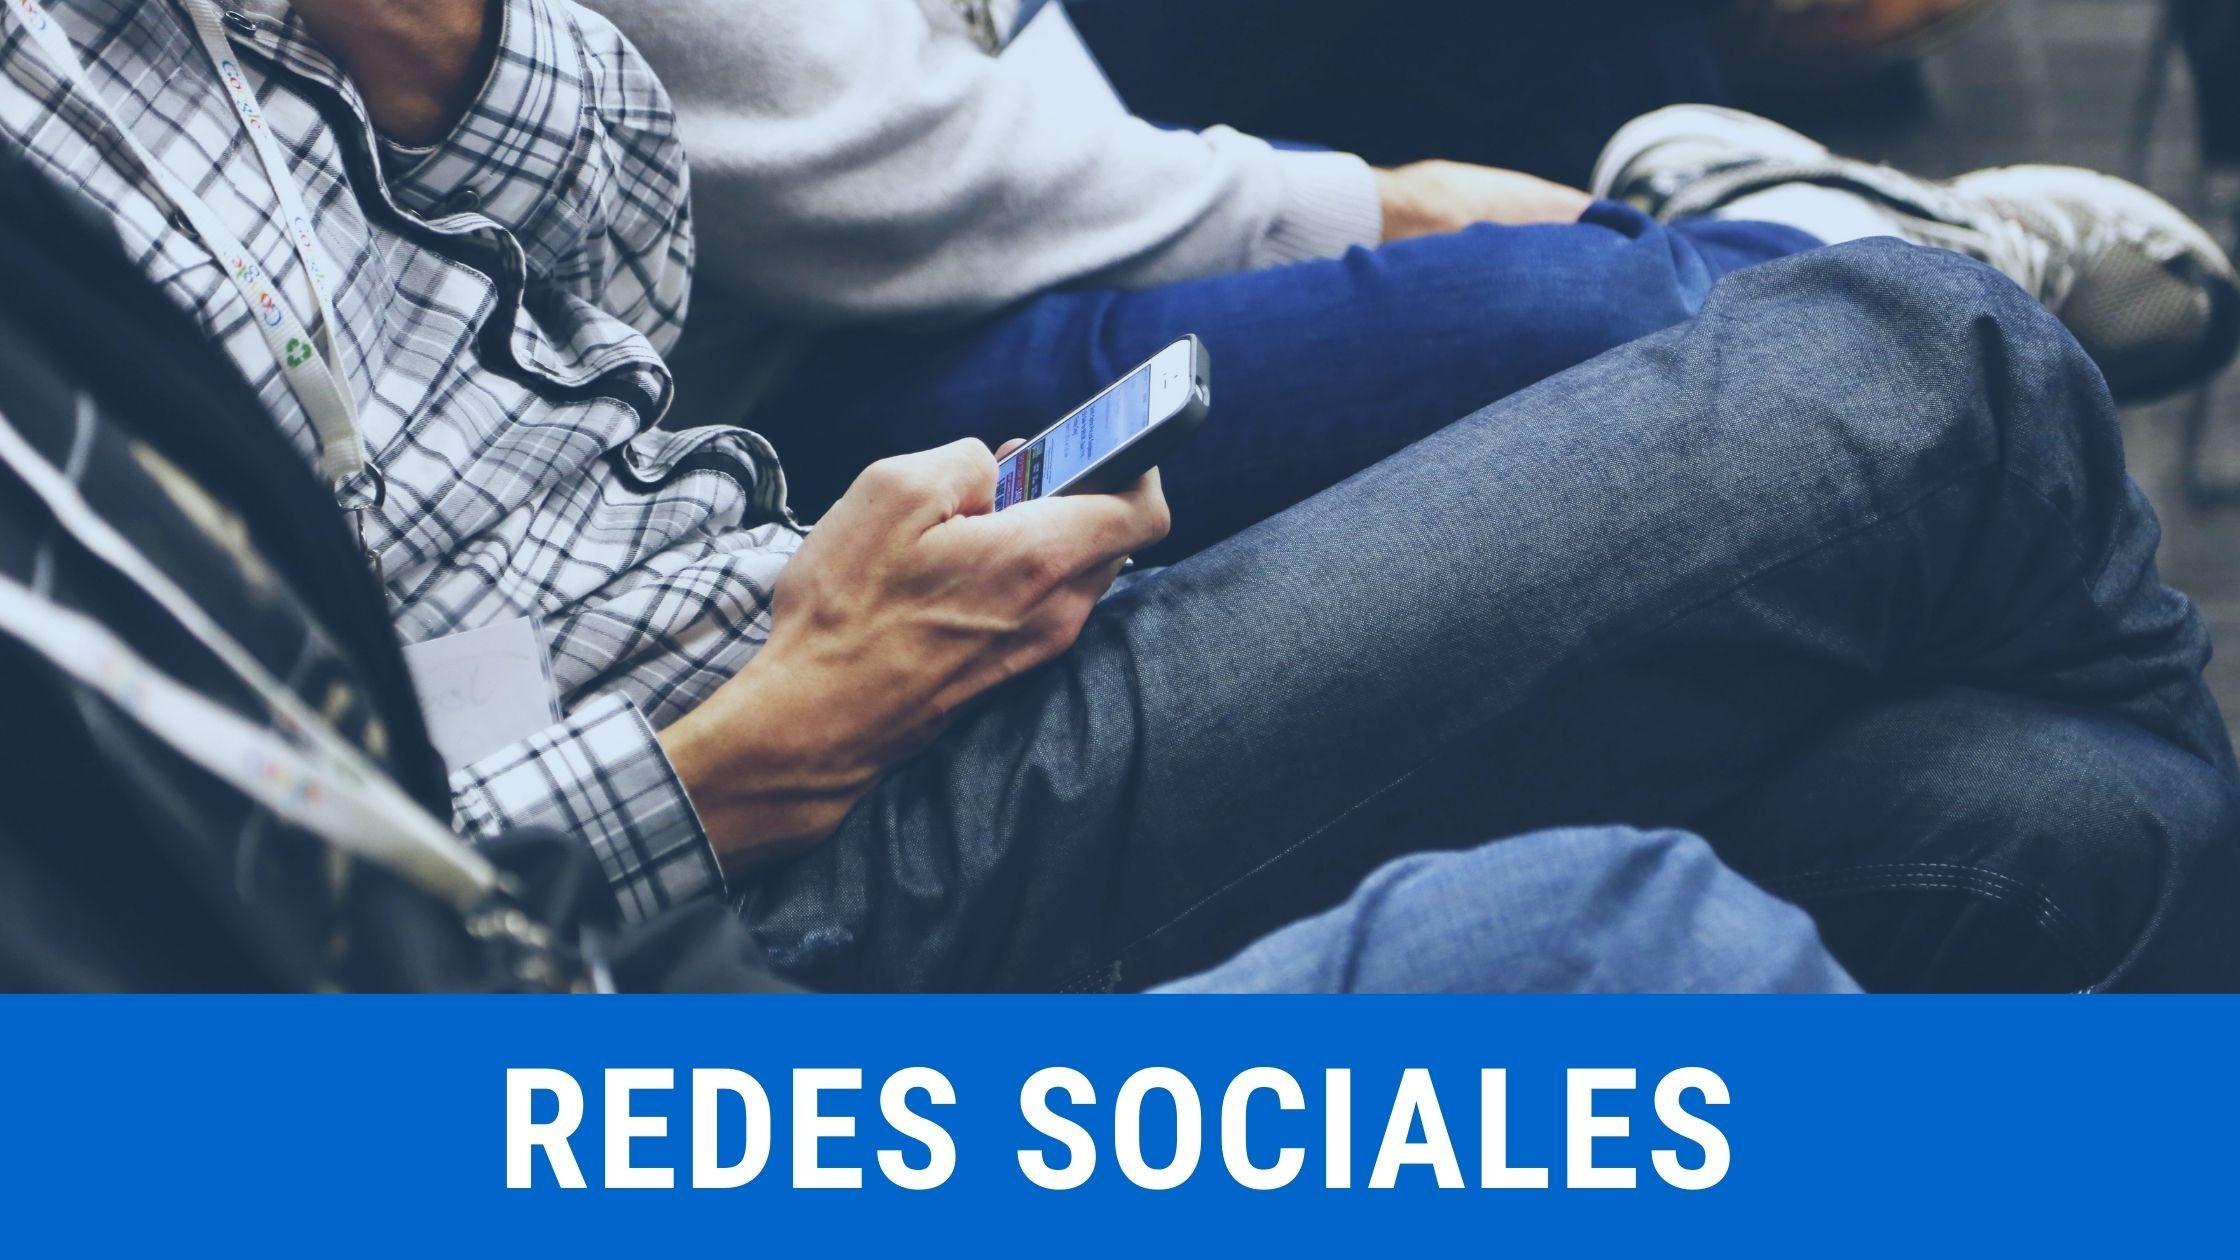 Redes sociales en Zafiro Tours